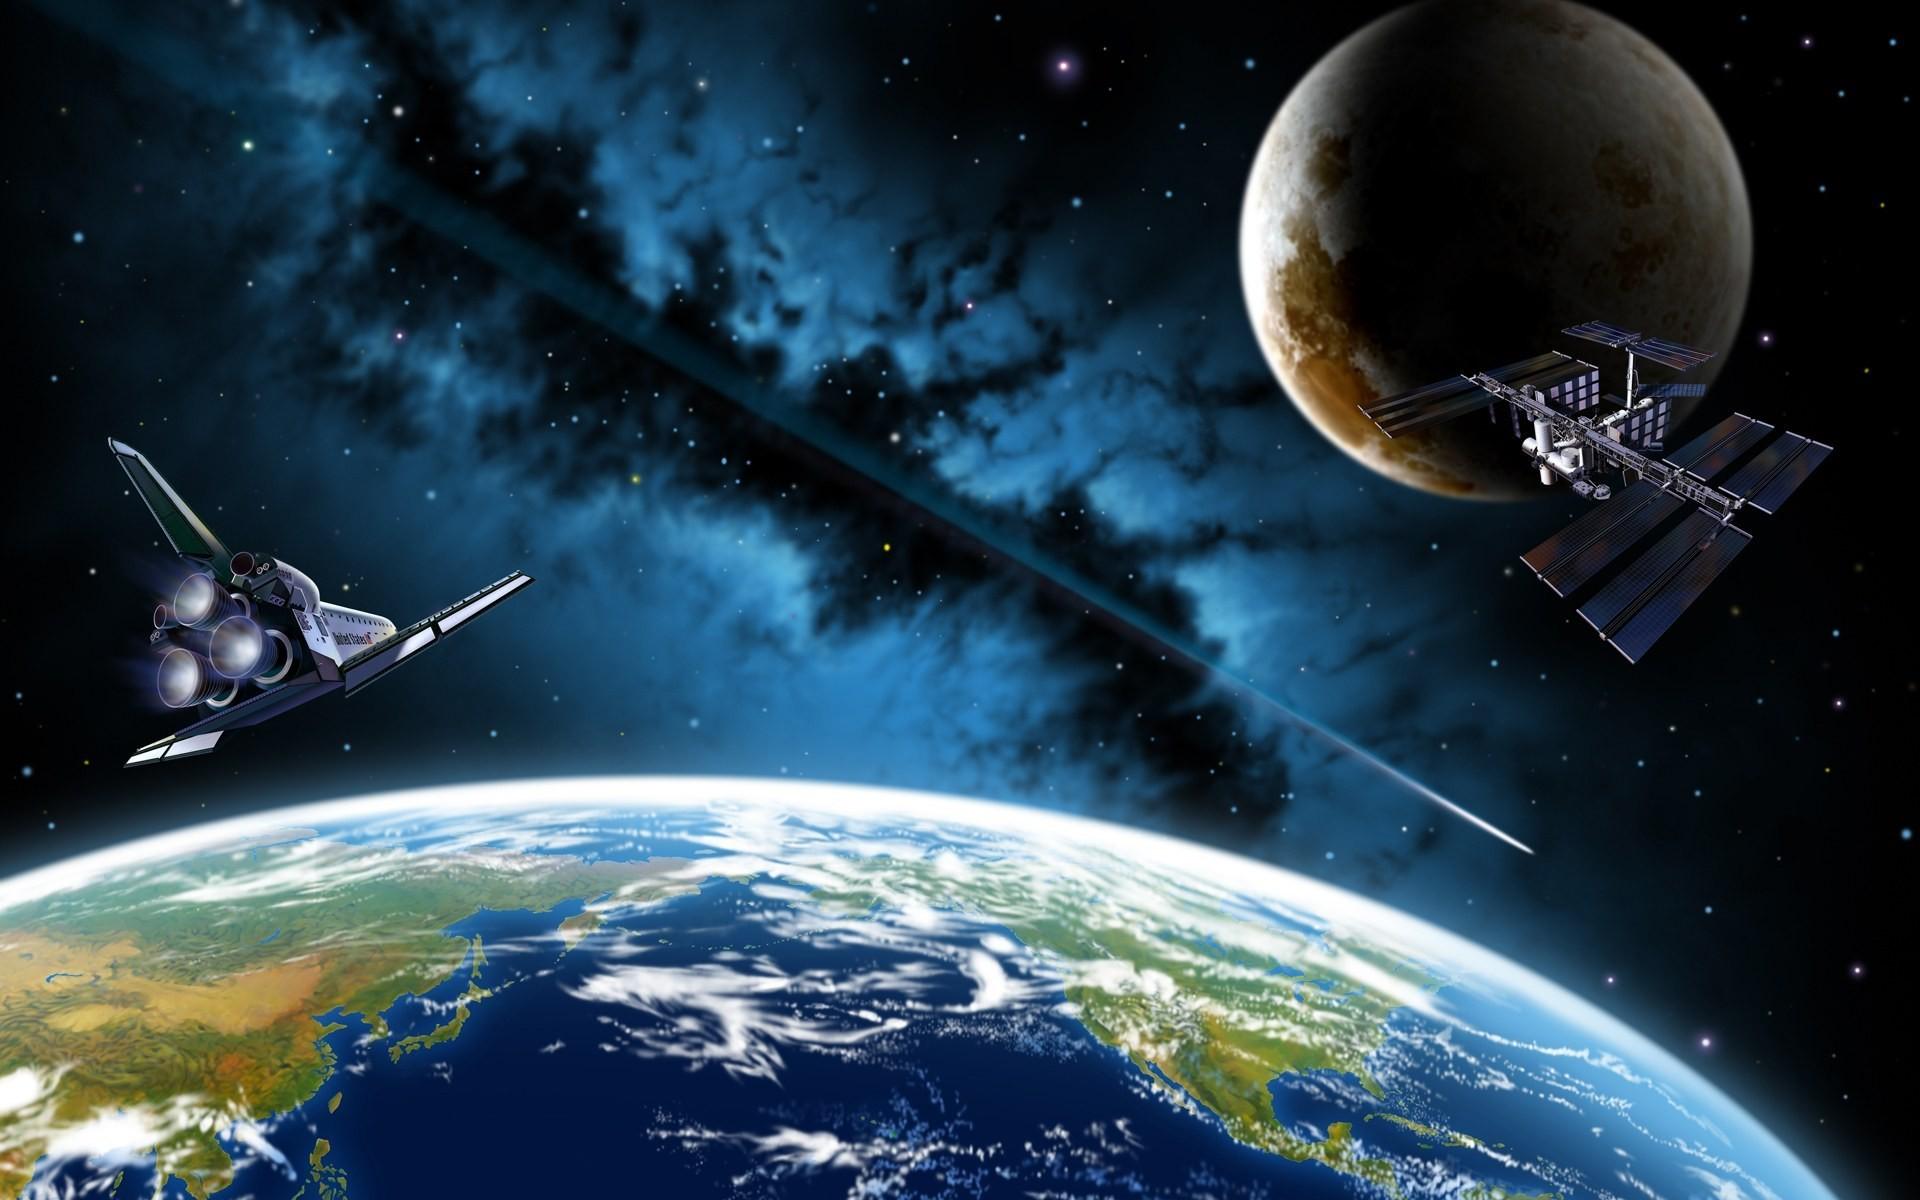 Картинки с космической темой